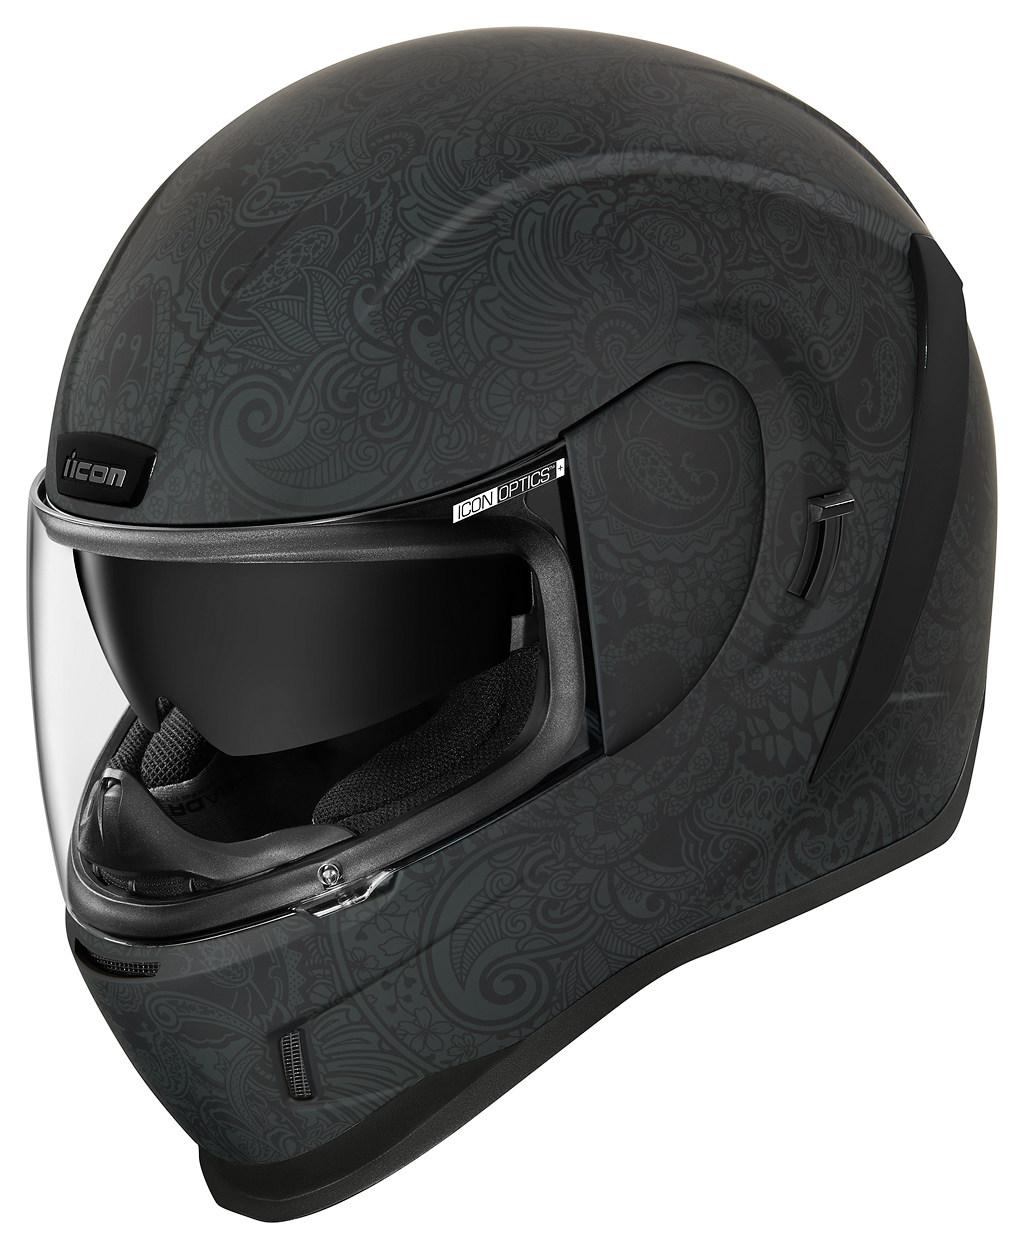 トラスト ICONアイコン フルフェイスヘルメット AIRFORM CHANTILLY HELMET 激安通販専門店 エアフォーム サイズ:3X シャンティリー ICON アイコン